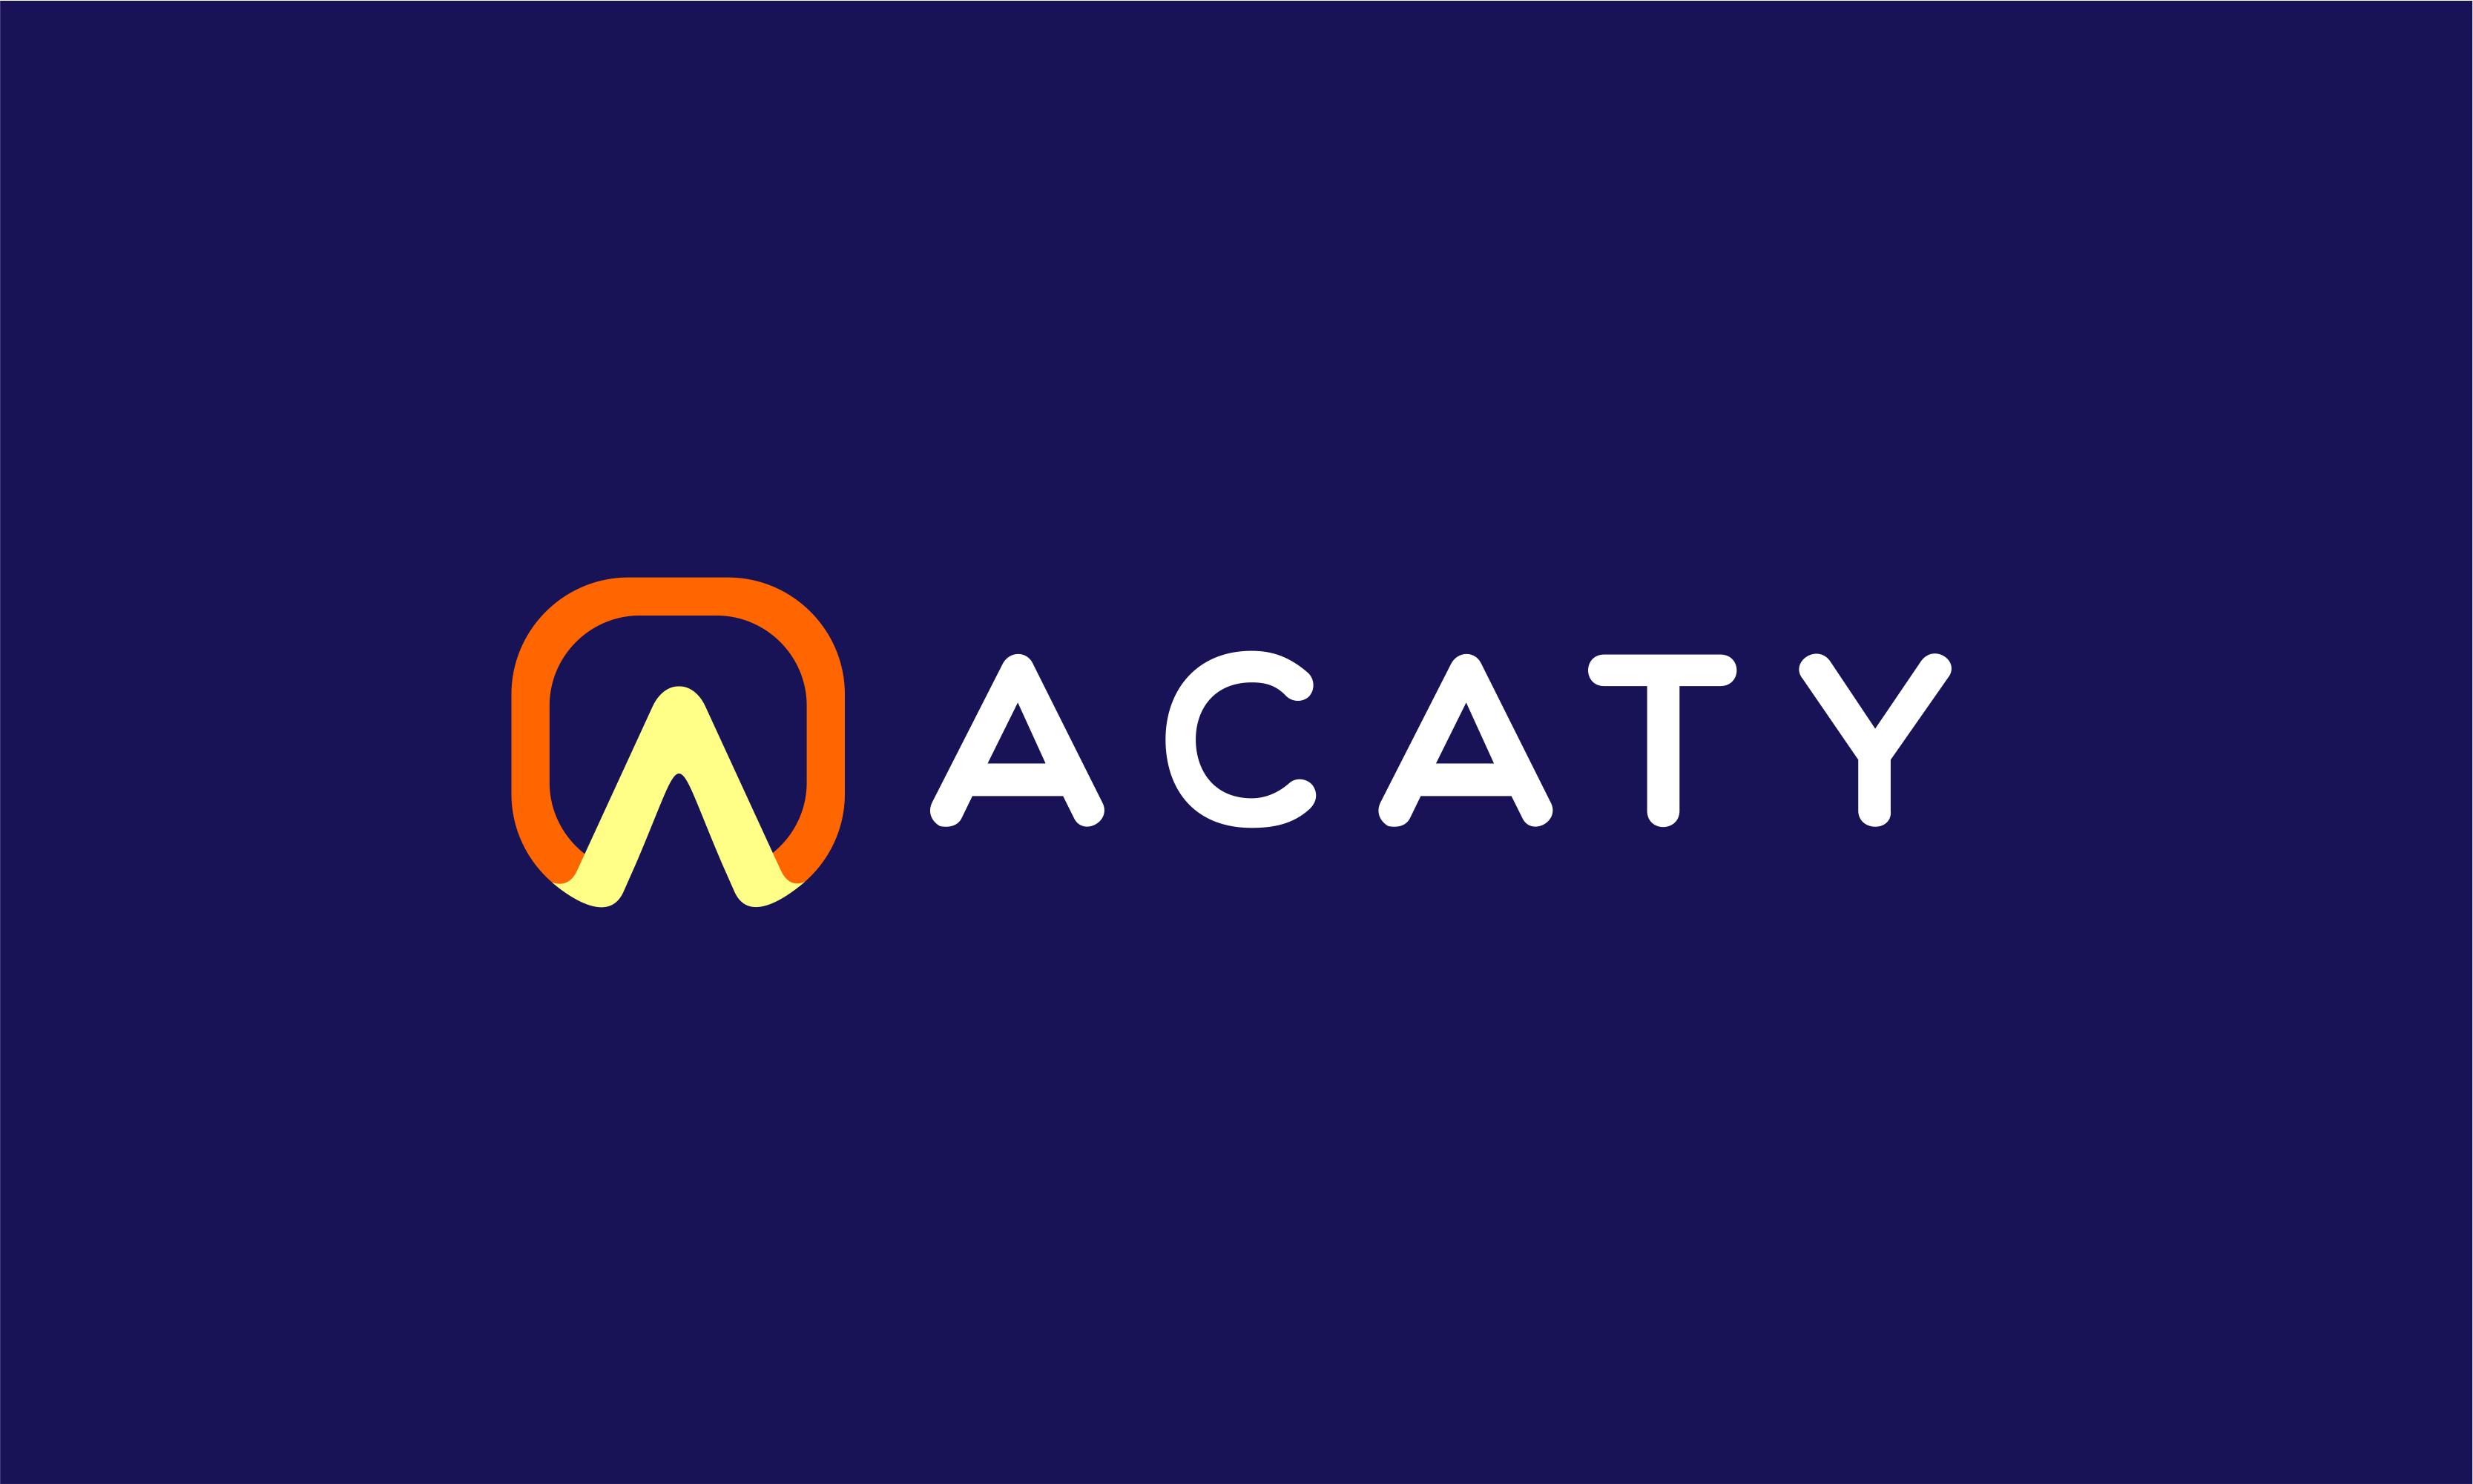 Acaty